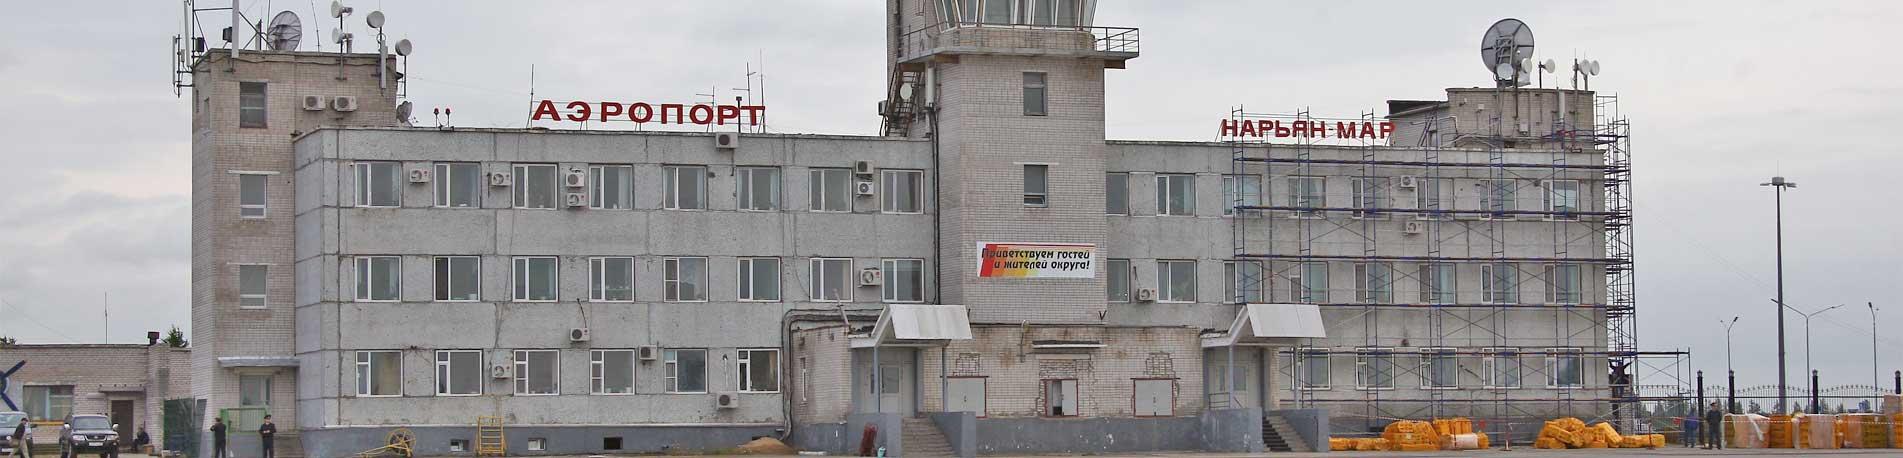 аэропорт нарьян-мар купить авиабилеты